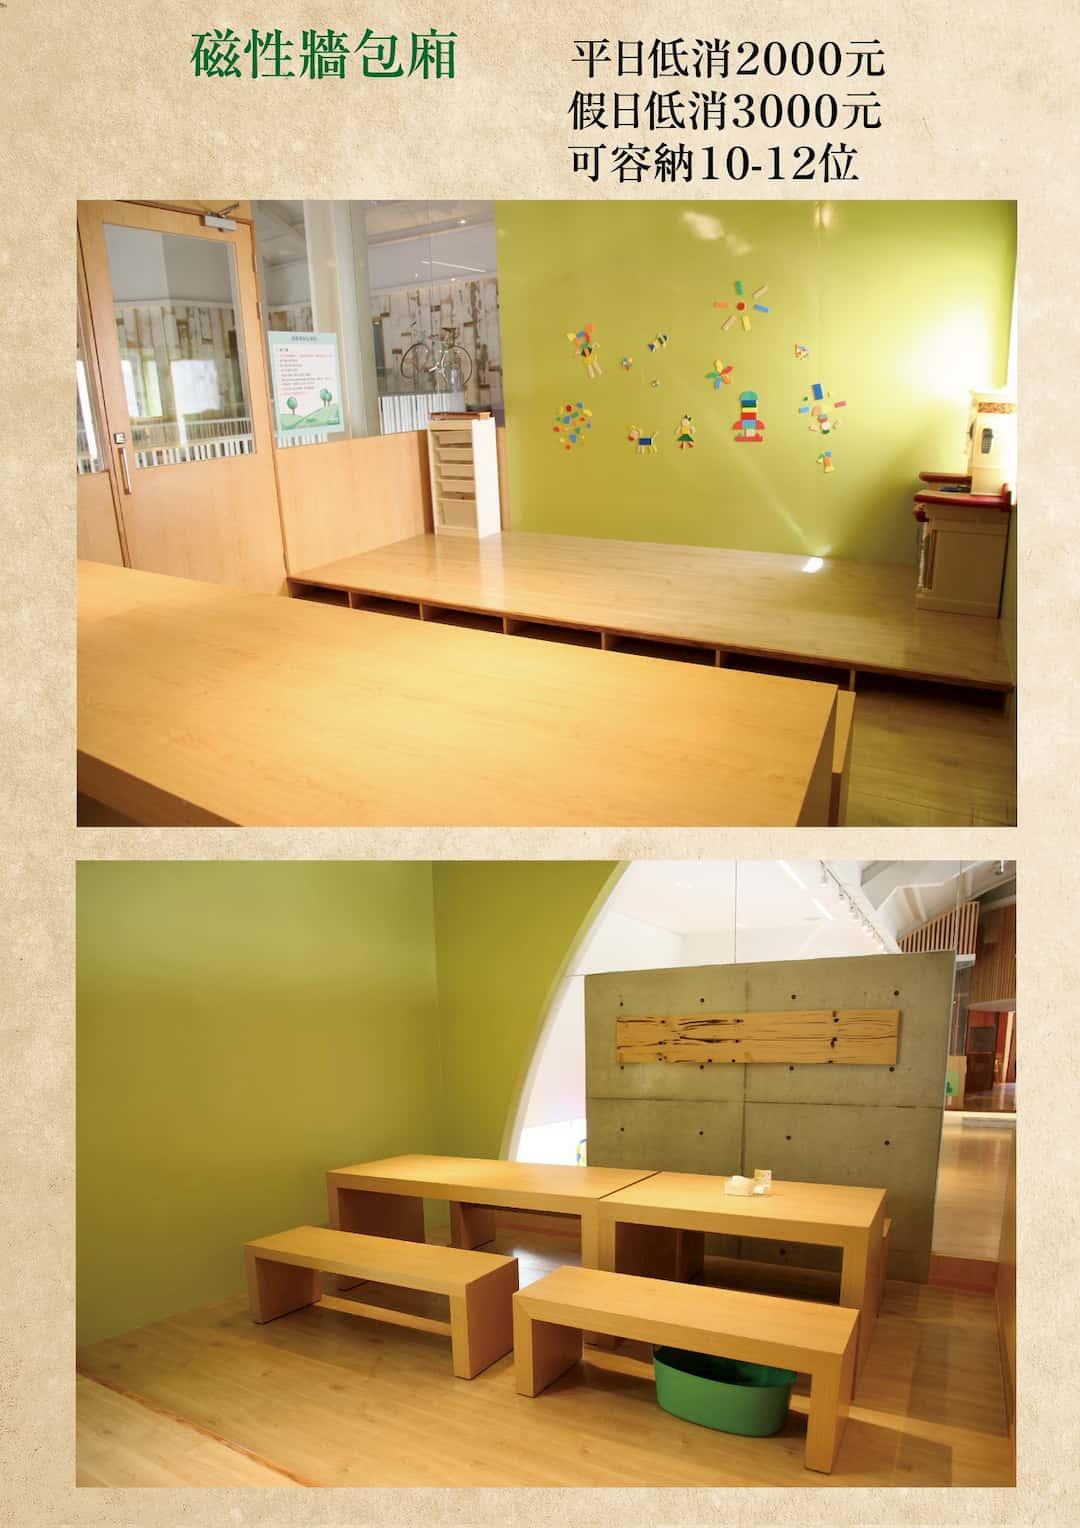 叉子餐廳- 2F兒童遊戲磁性牆包廂區- 圖片來源:叉子餐廳官方FB